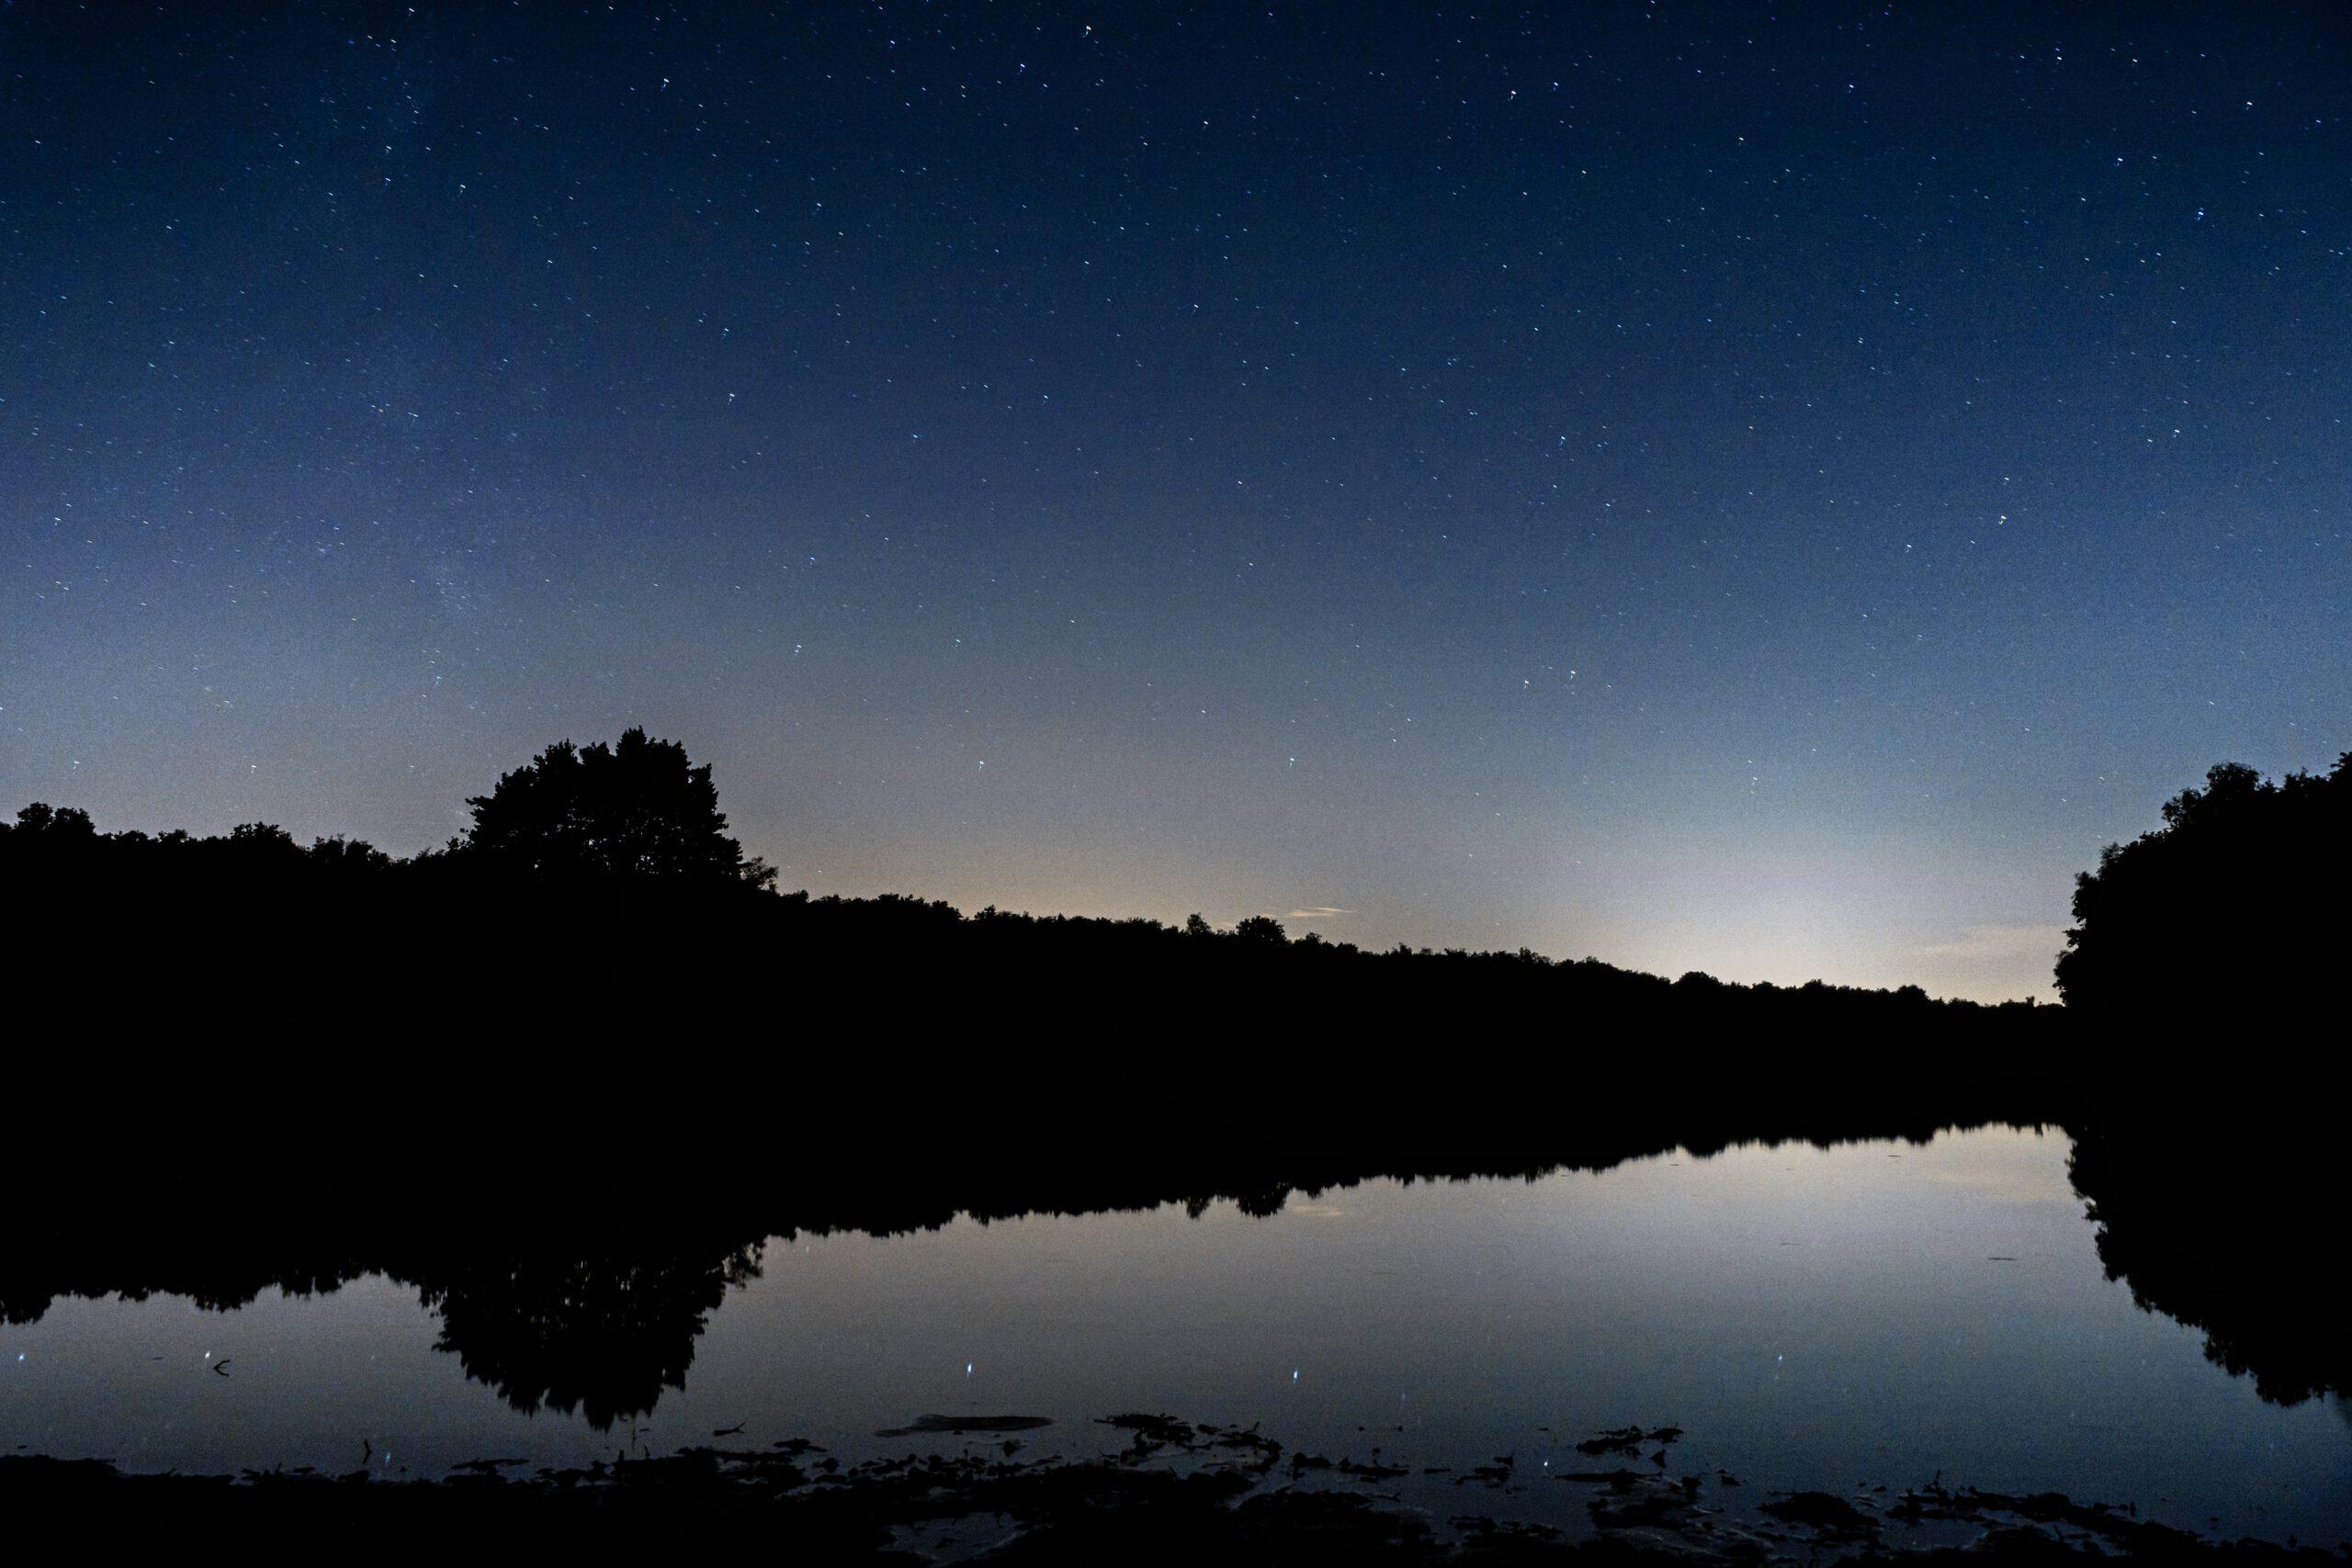 Drunens meer in de nacht met sterren